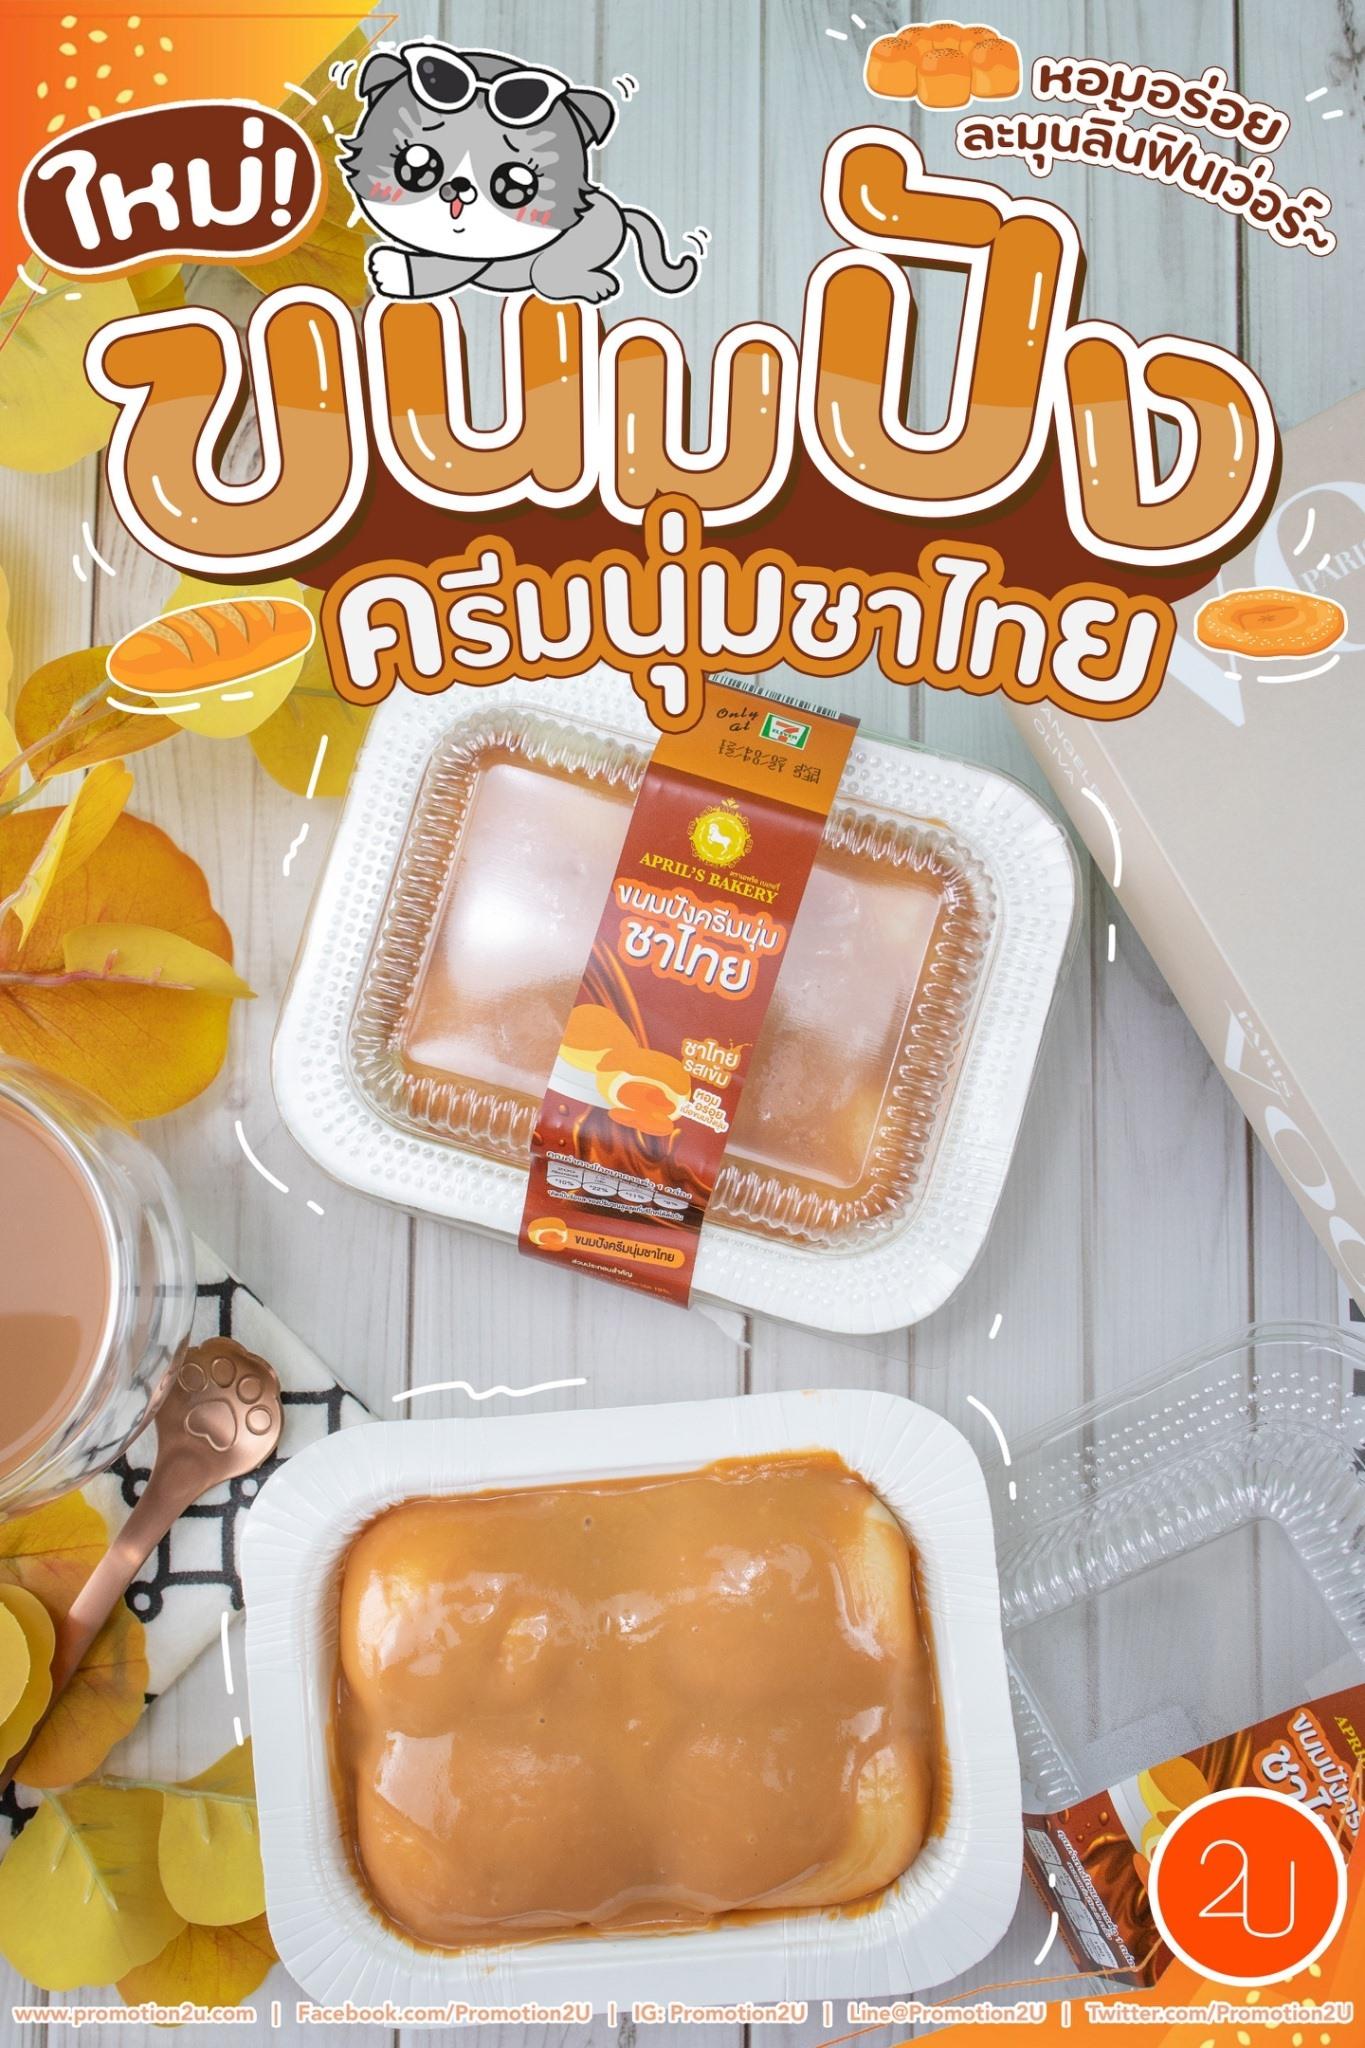 ใหม่!! ขนมปังครีมนุ่มชาไทย แรร์ไอเทม @7-11